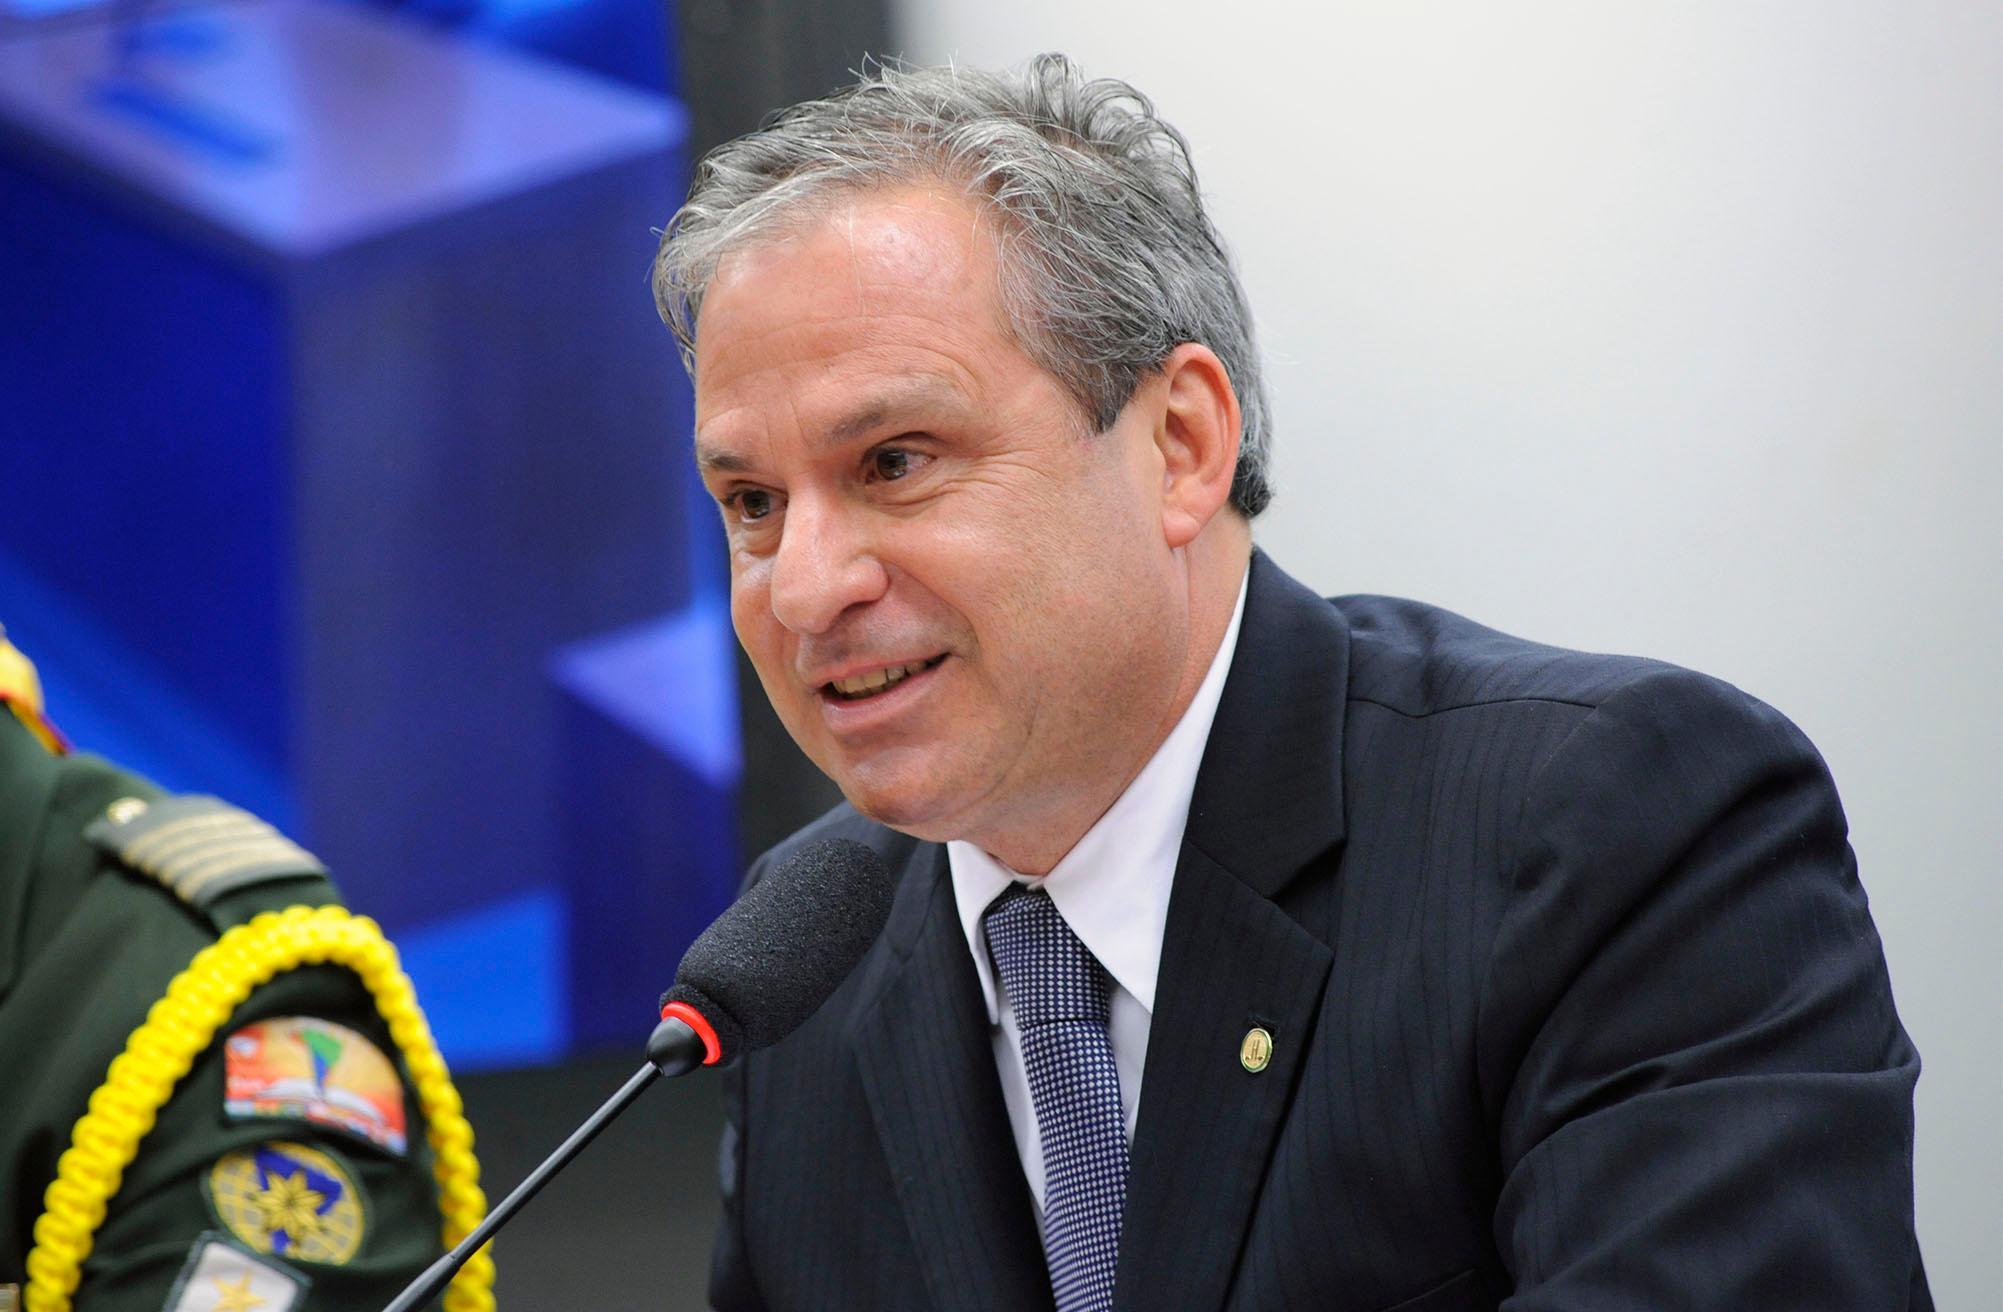 Audiência pública obre a importância da criação, por lei, a bem da sociedade brasileira, do Dia Nacional do Desbravador. Dep. Tadeu Alencar (PSB - PE)